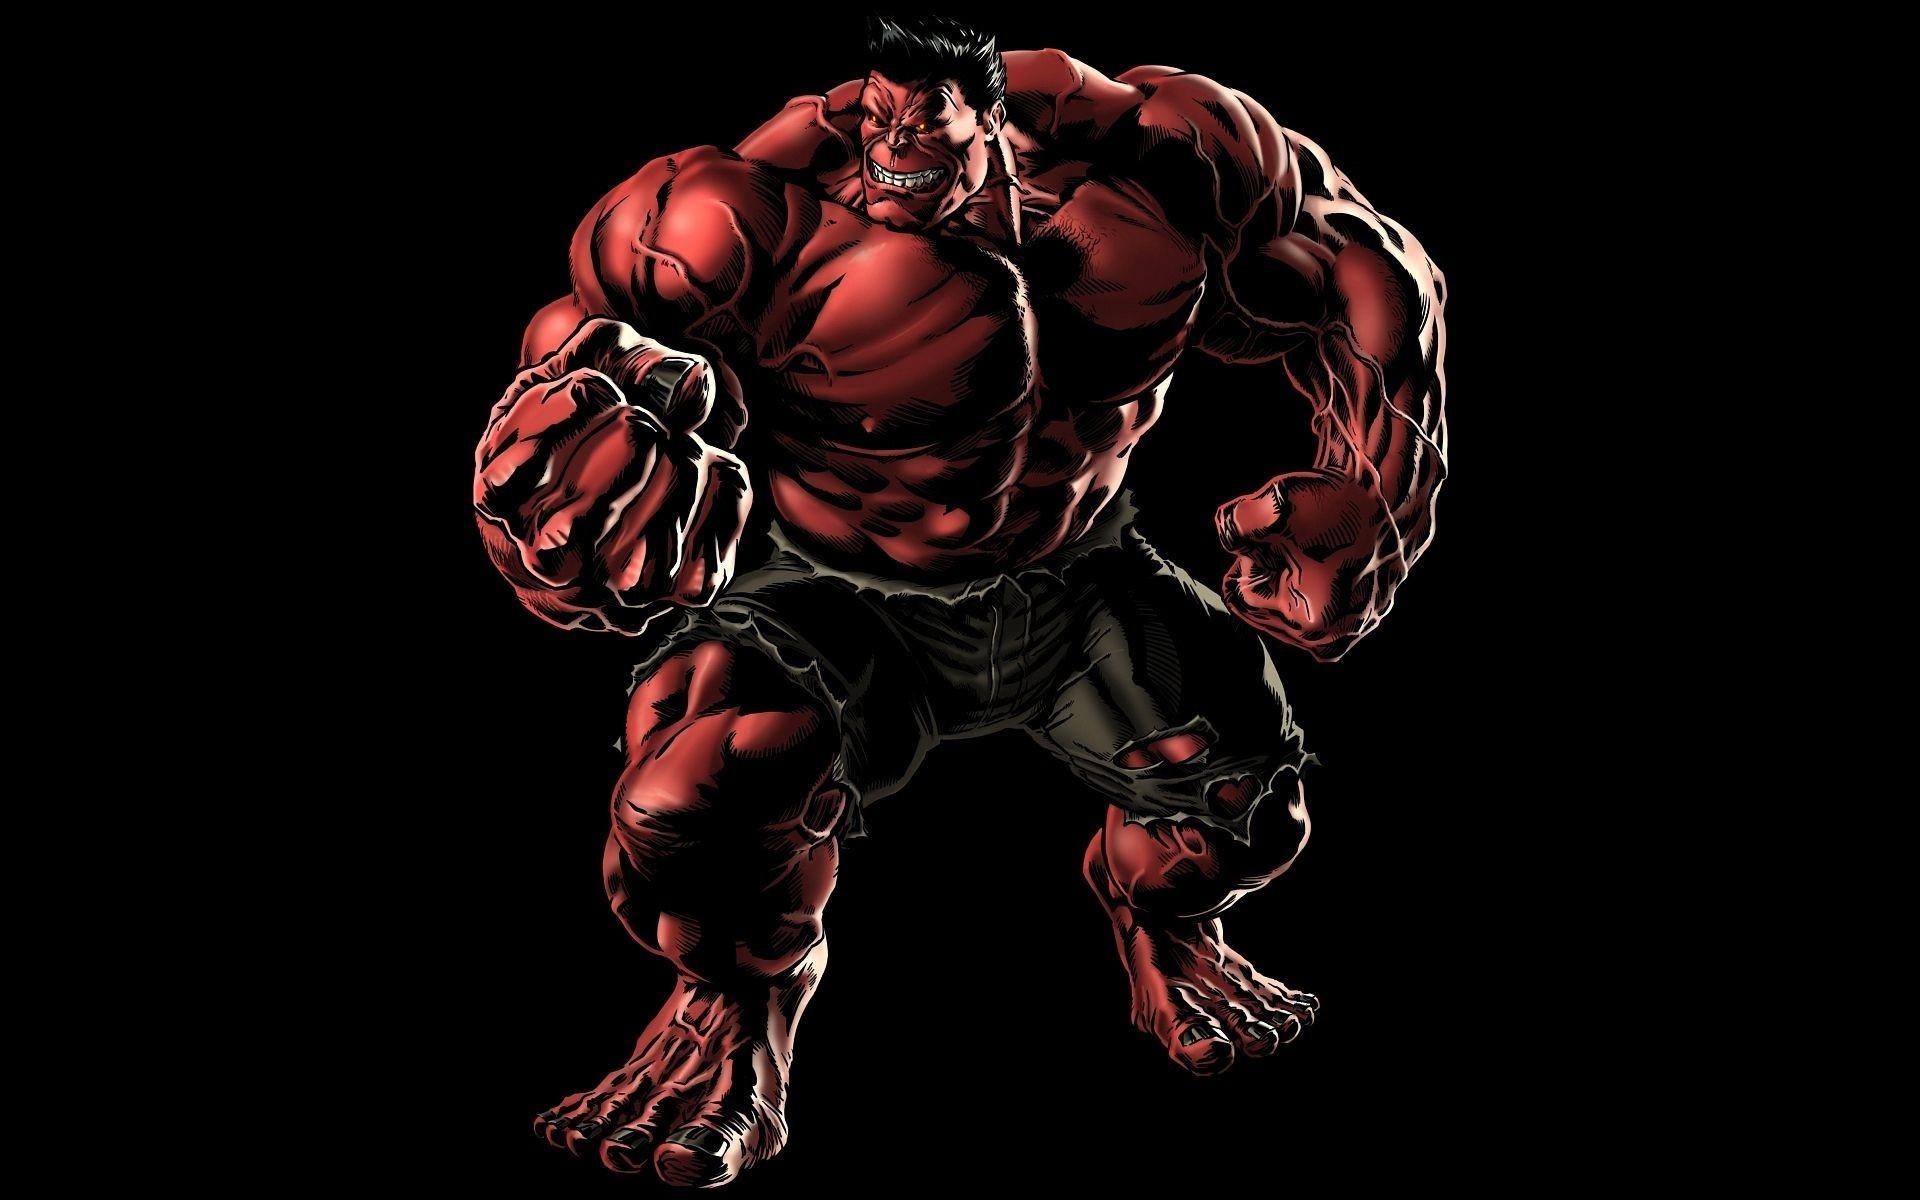 Res: 1920x1200, Red Hulk HD Wallpaper 1920x1080 Red Hulk HD Wallpaper